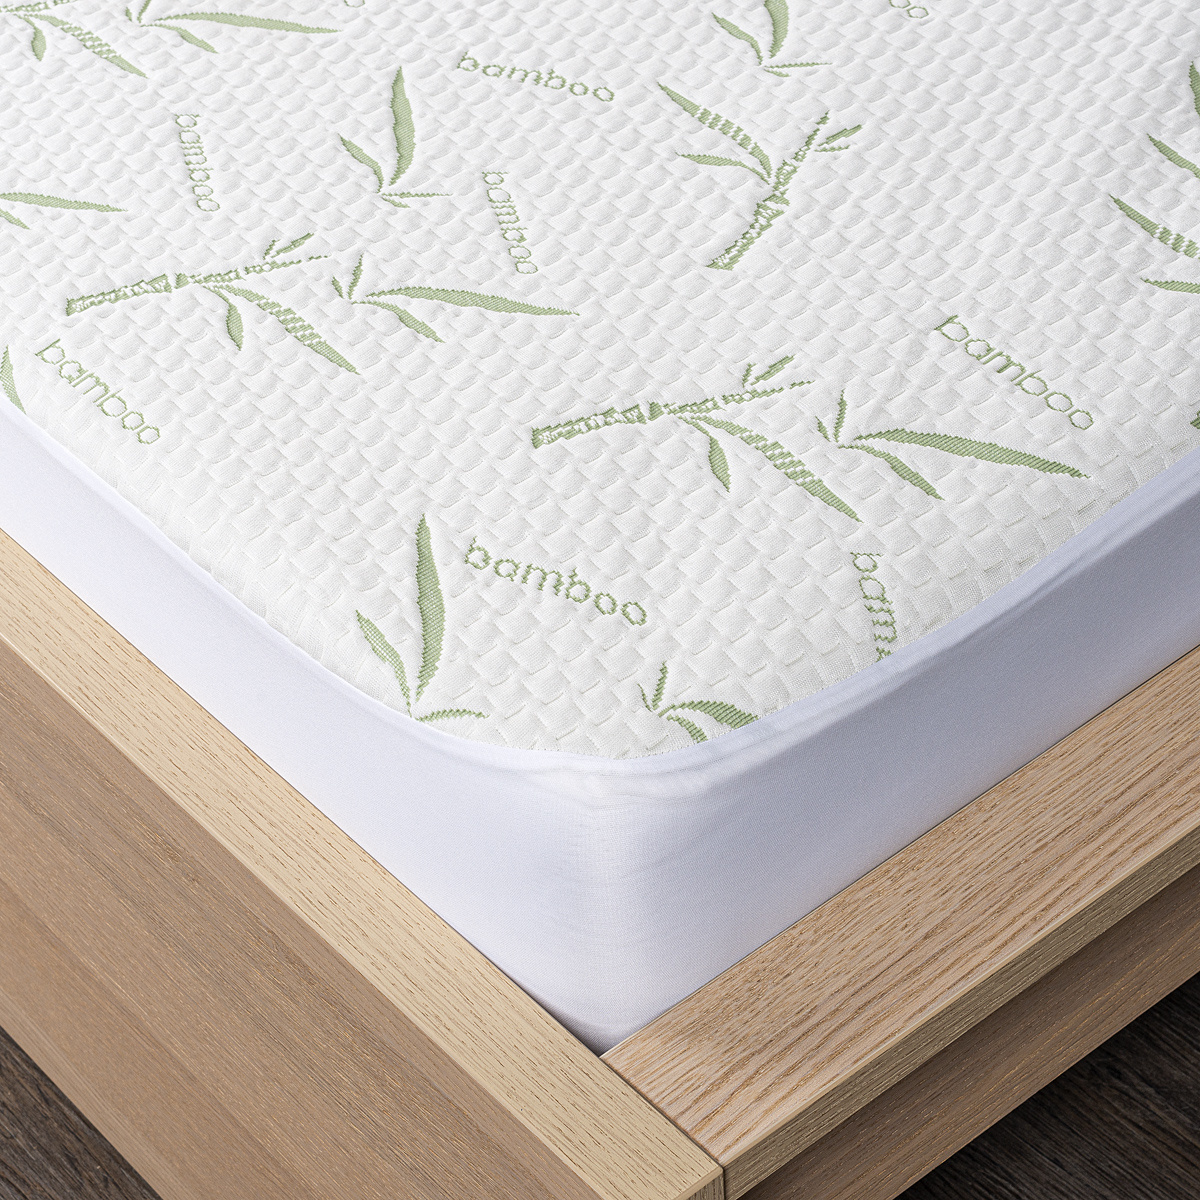 4Home Bamboo Chránič matrace s lemem, 60 x 120 cm